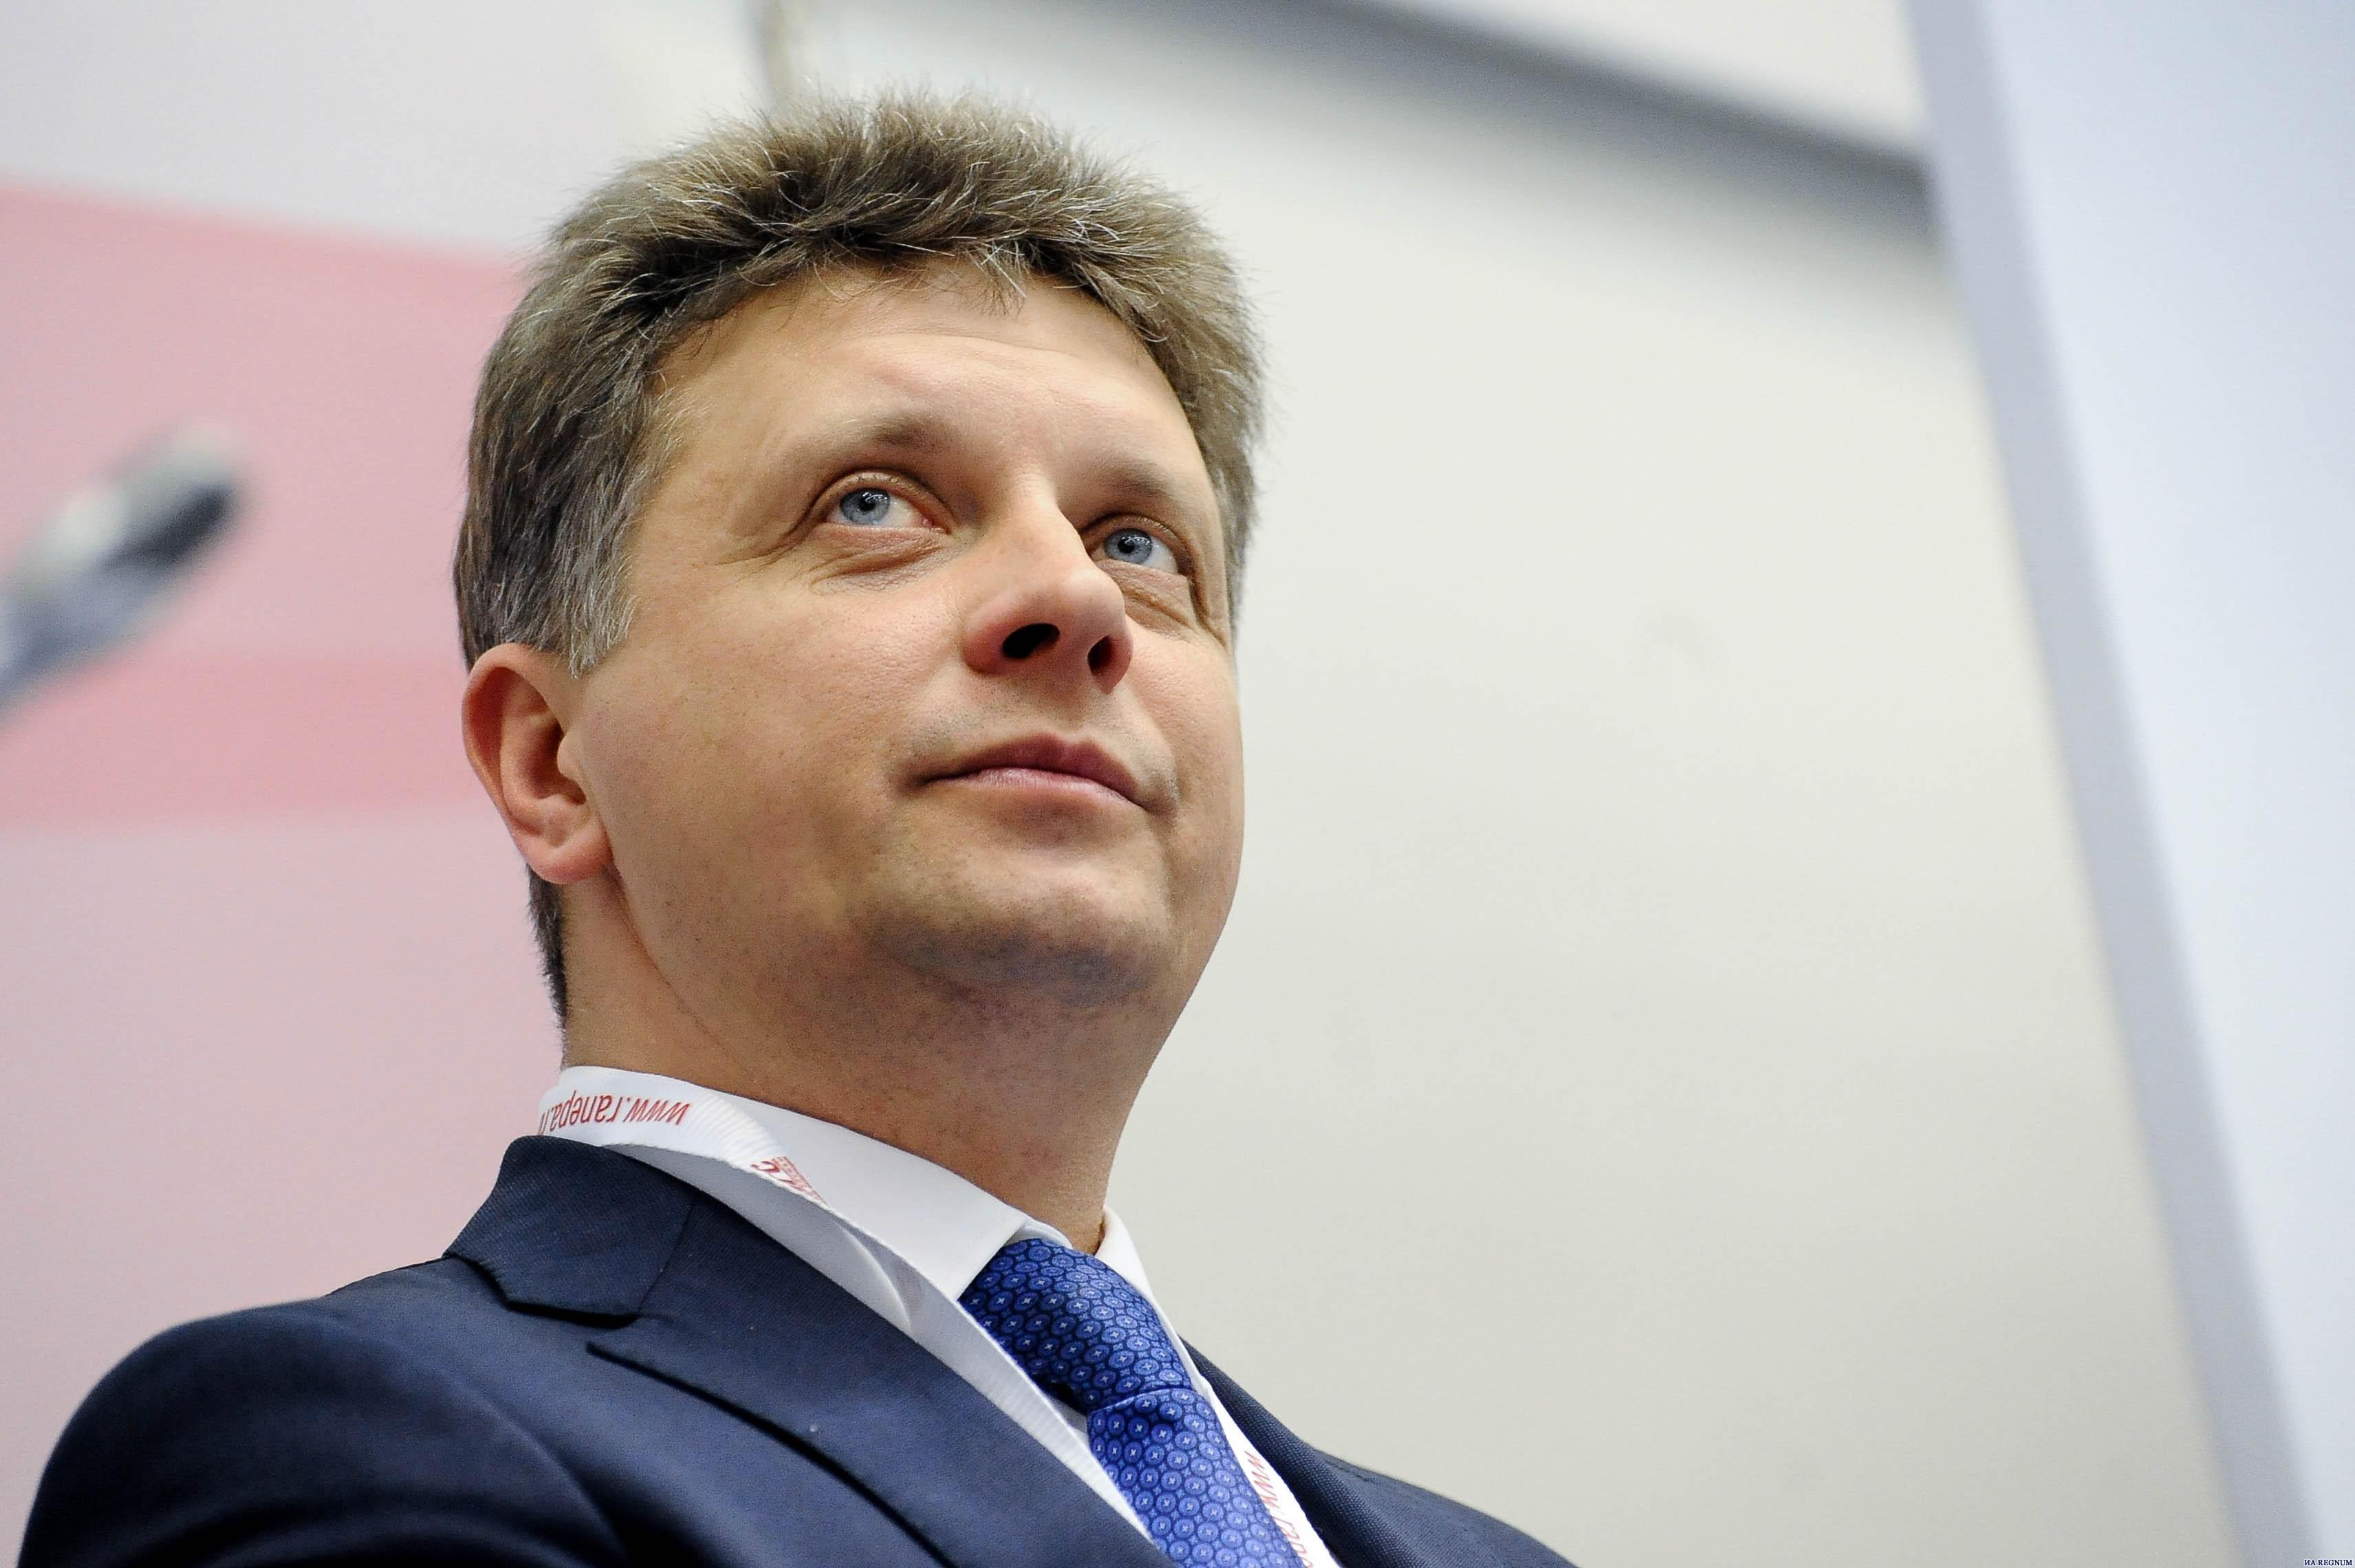 https://regnum.ru/uploads/pictures/news/2016/02/12/regnum_picture_1455275912466950_normal.jpg